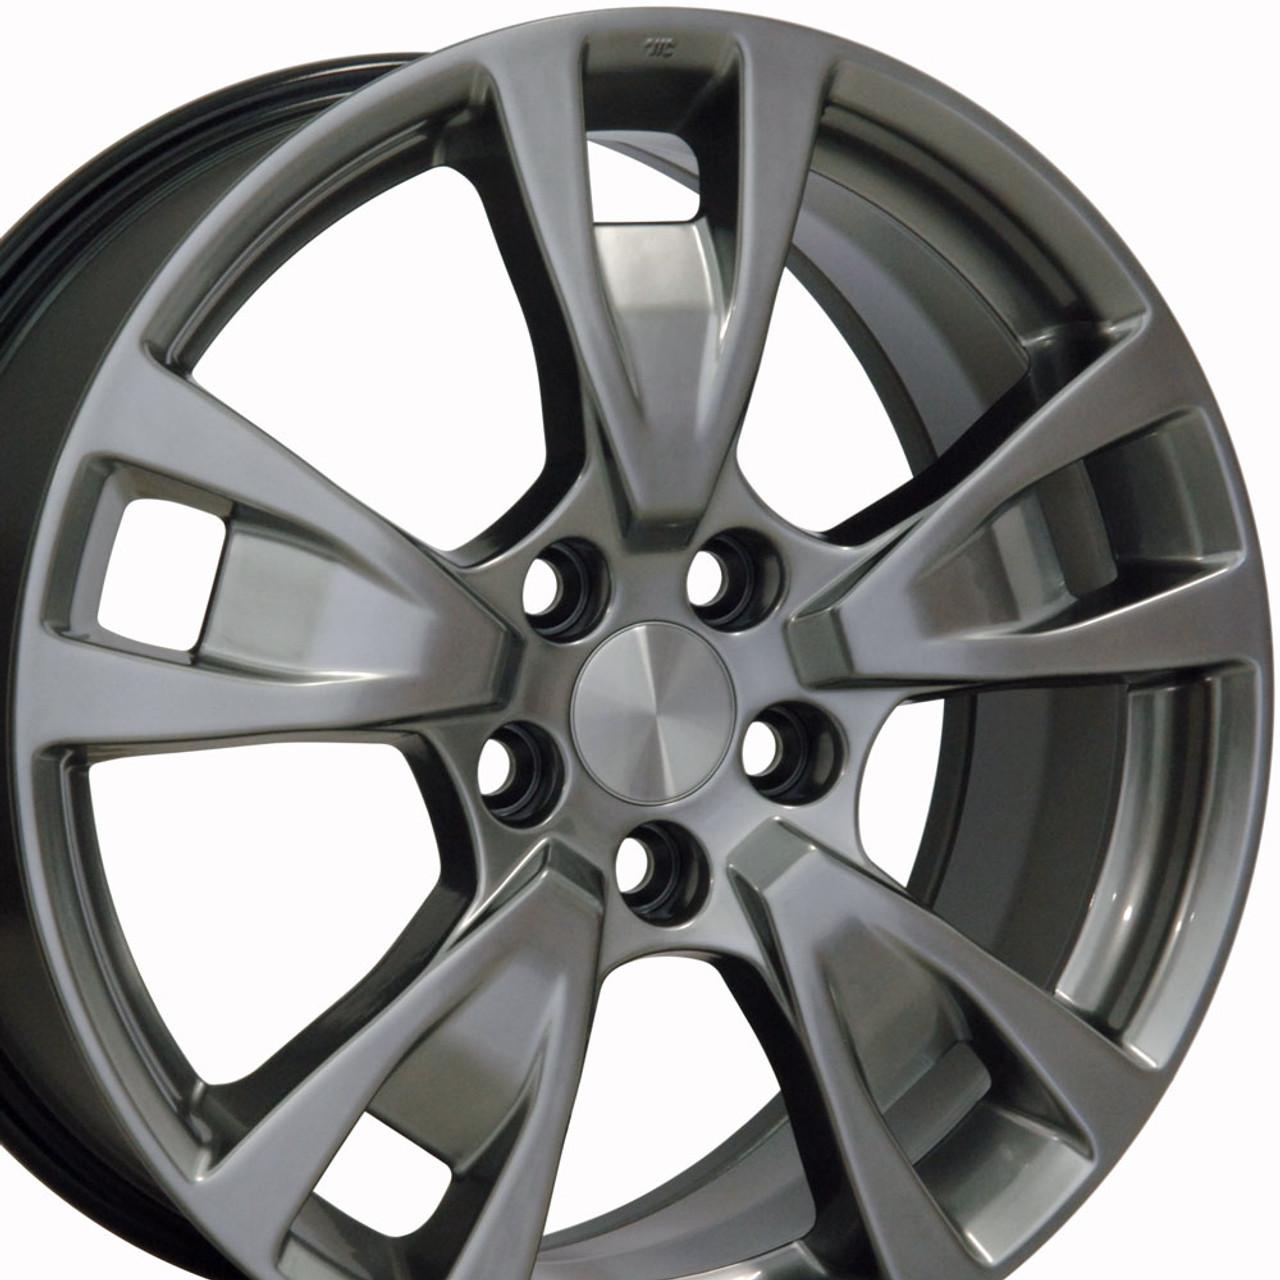 Acura Tl Wheels >> 19 Fits Acura Tl Acura Rl Silver Wheels Set Of 4 19x8 Rims Stock